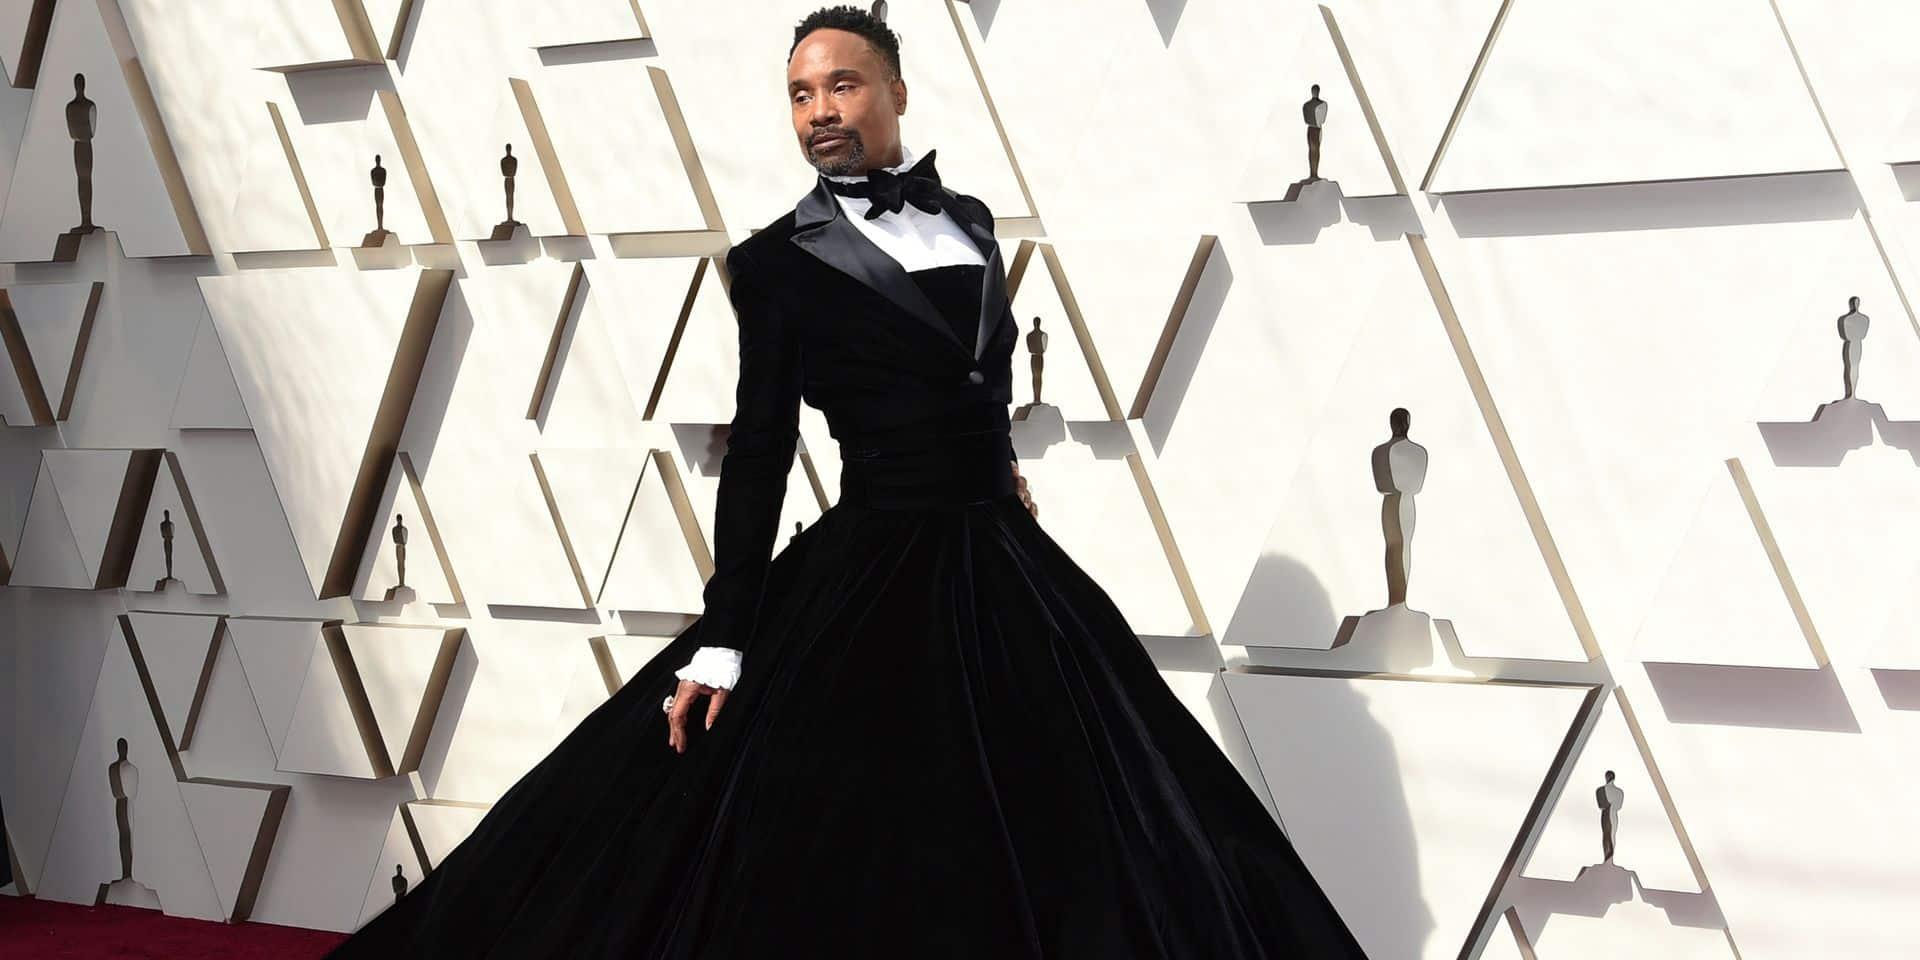 Pourquoi Billy Porter a-t-il porté une robe plutôt qu'un smoking aux Oscars?